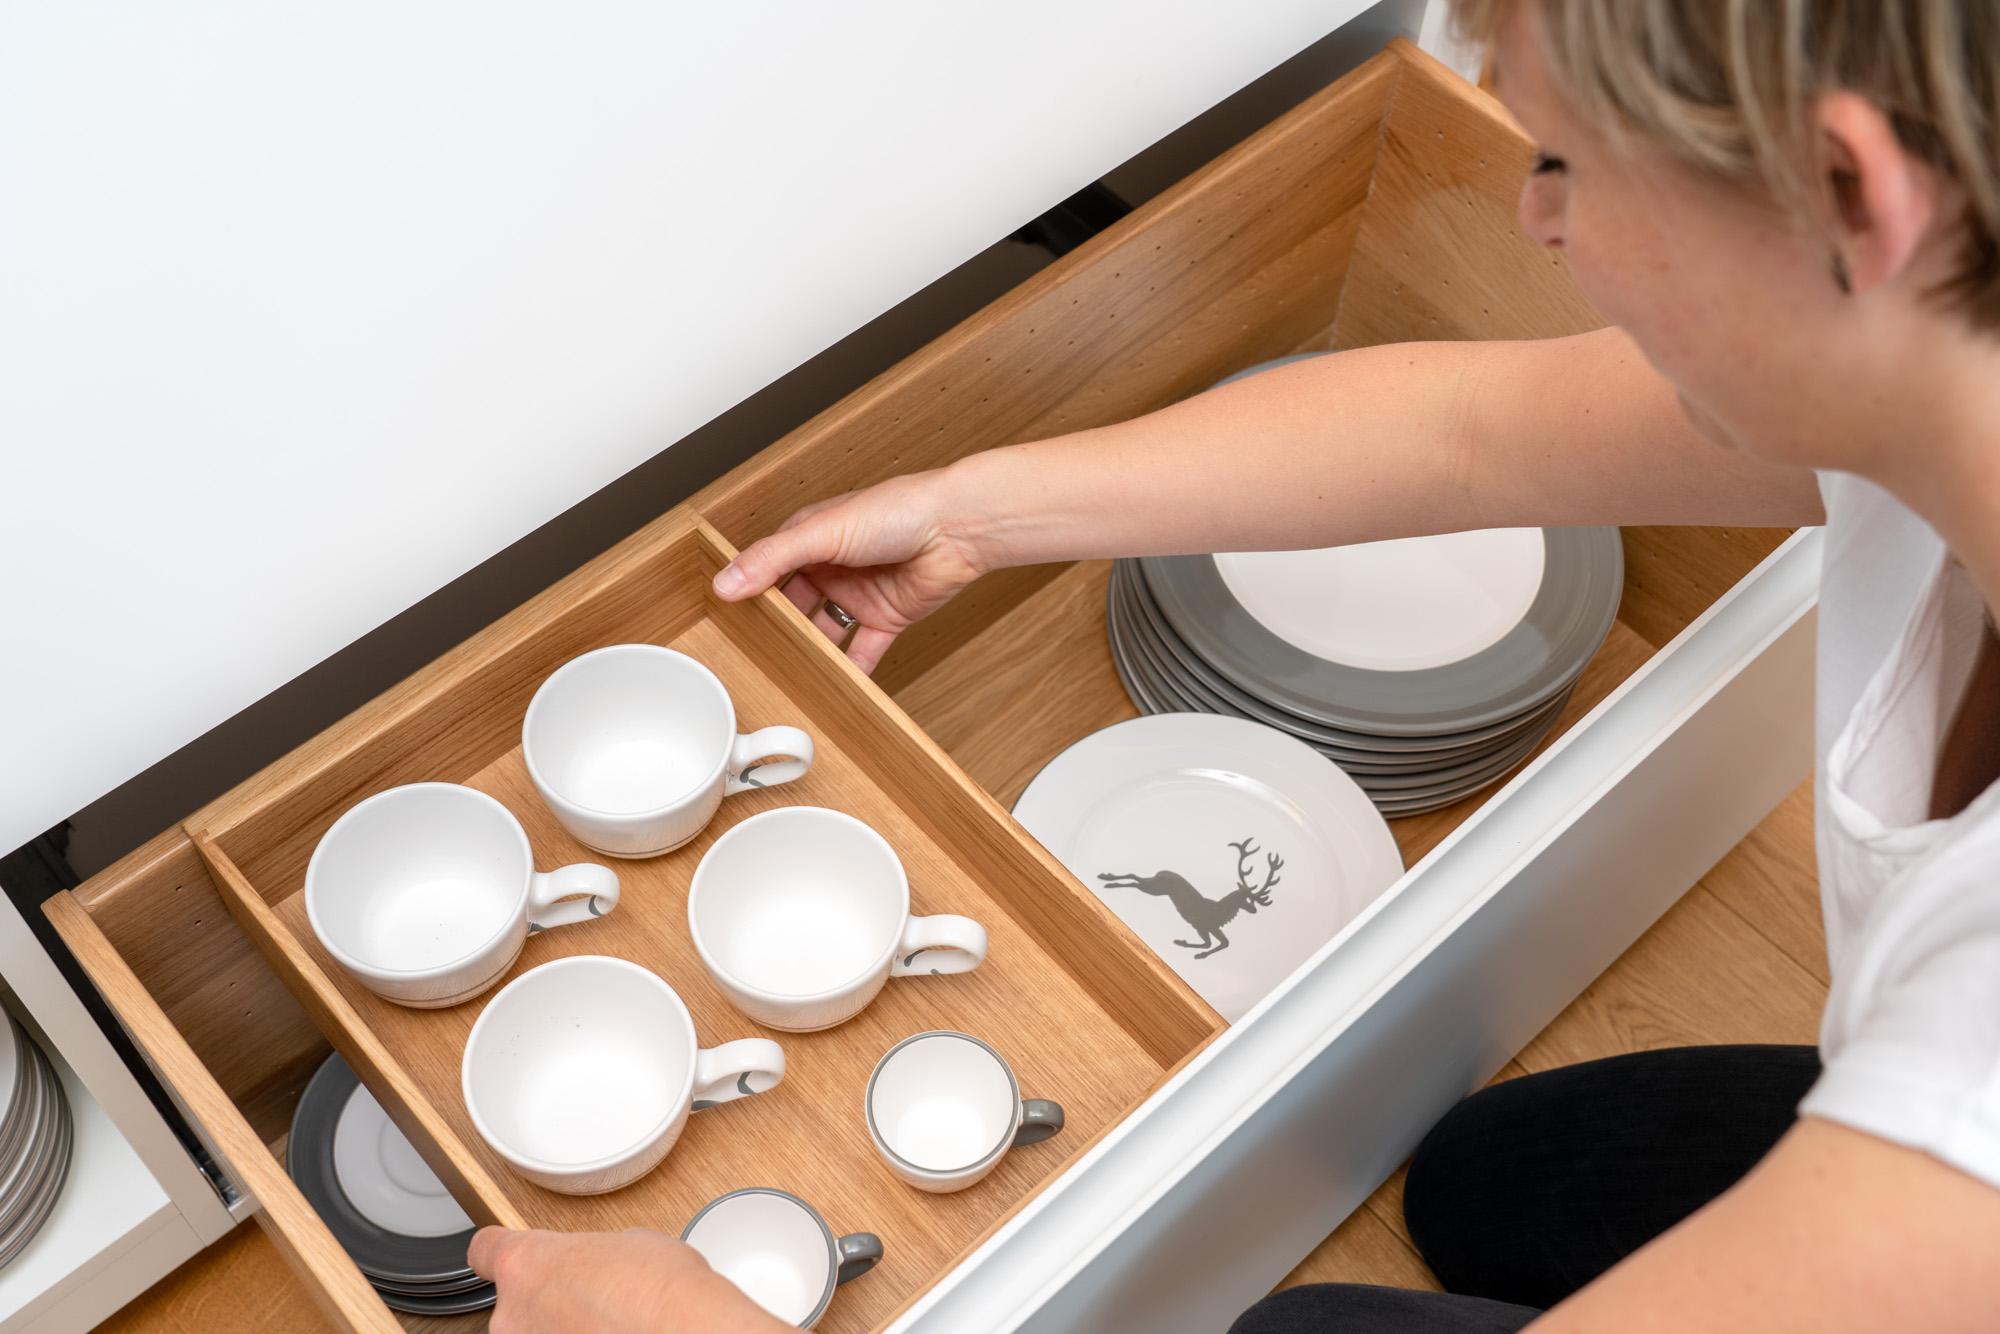 Cleveres Ladensystem für Geschirr in der Küche